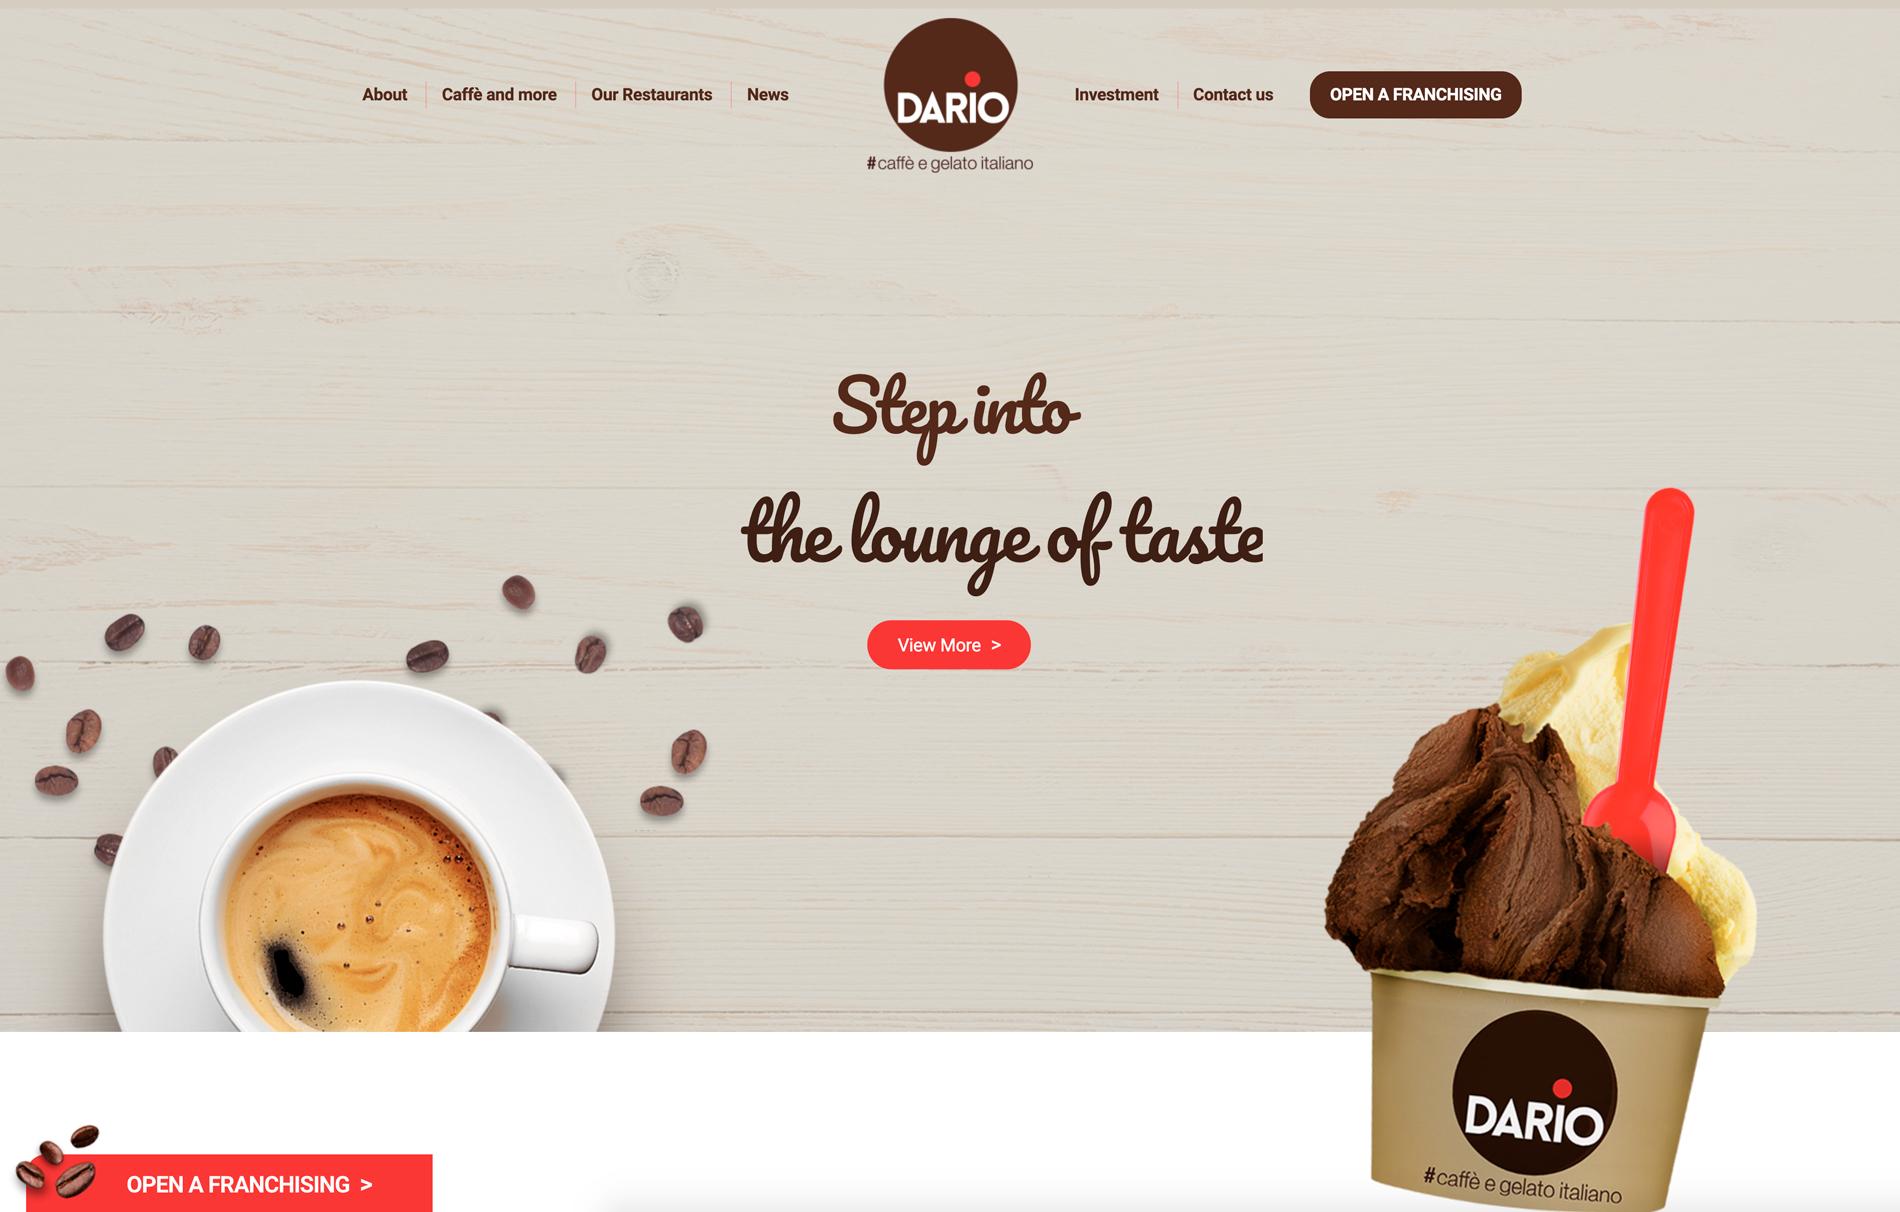 Dario Caffè